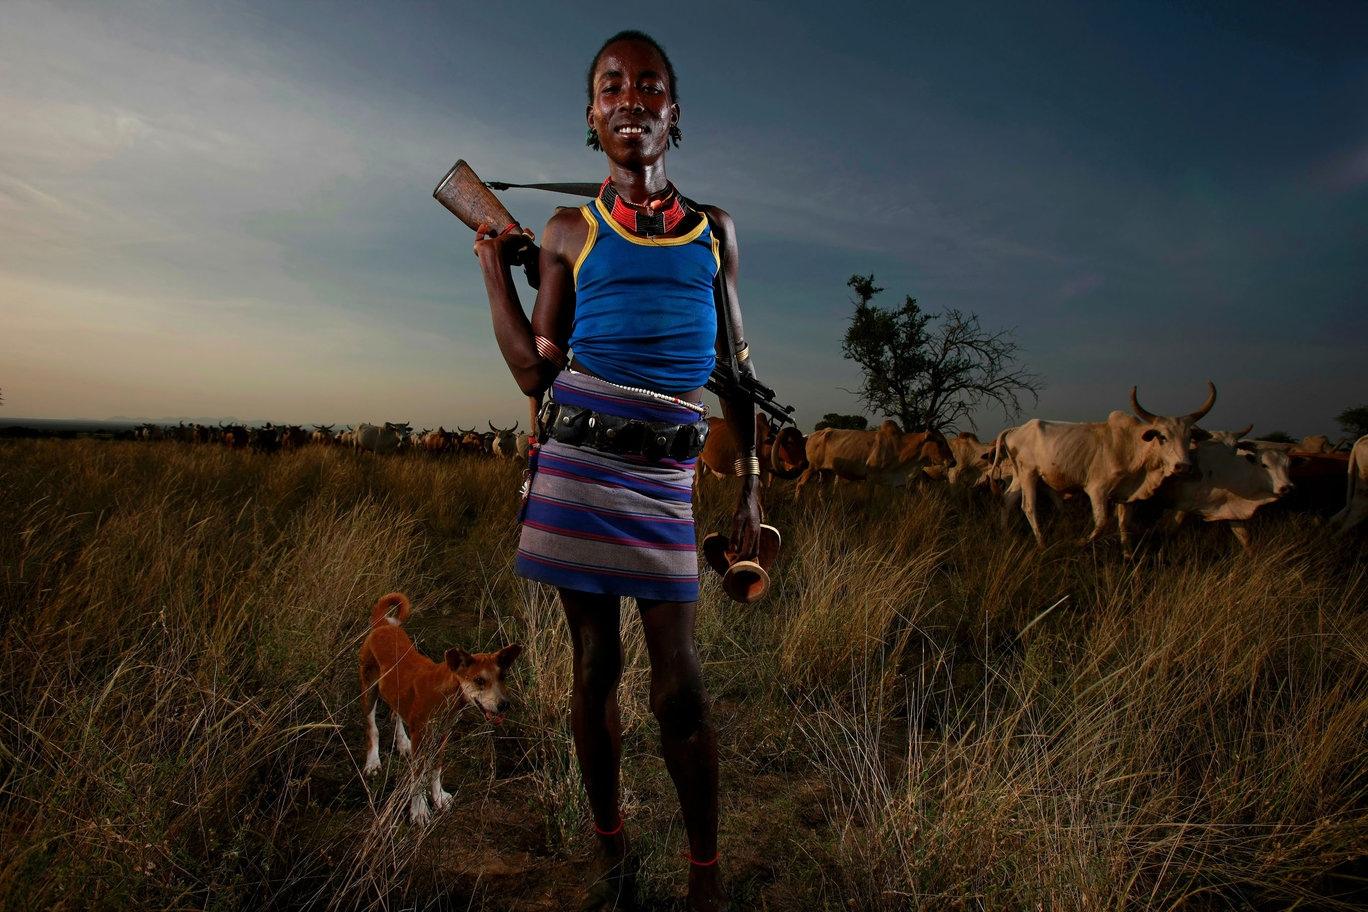 Фото диких племен африки без одежды 19 фотография